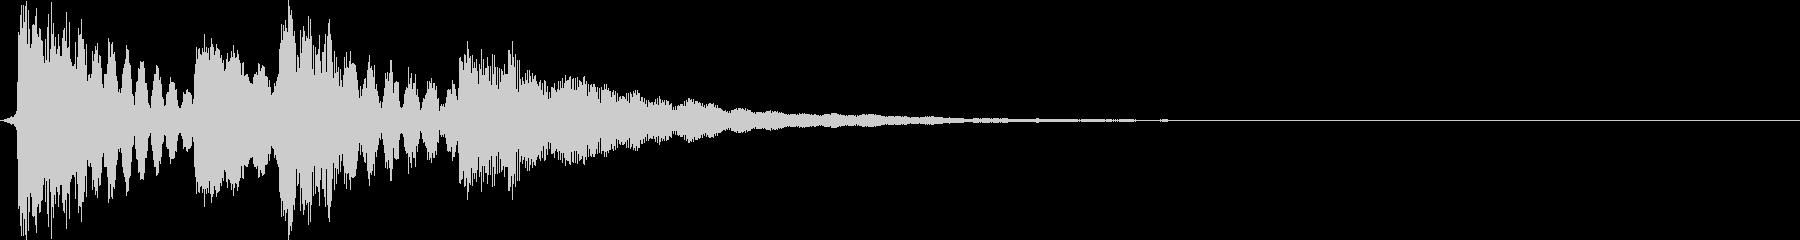 ポンポポンポン(ロゴ、ゲームオーバー)の未再生の波形